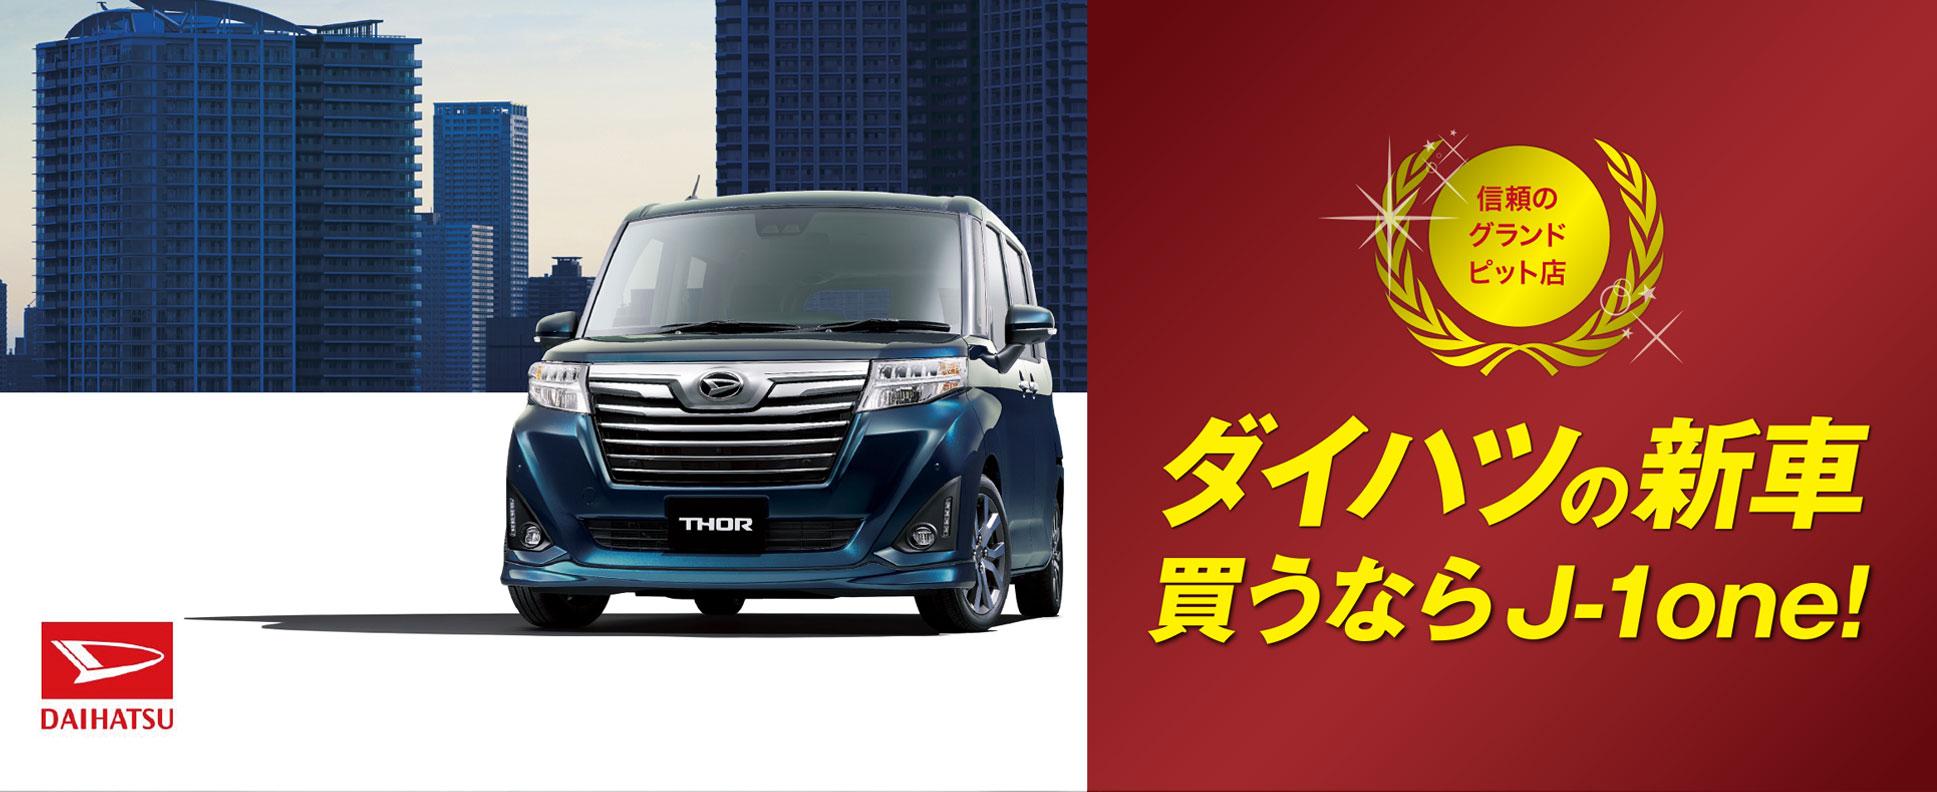 ダイハツの新車買うなら函館の新車販売、中古車販売 株式会社サトウ自動車函館 J-1one